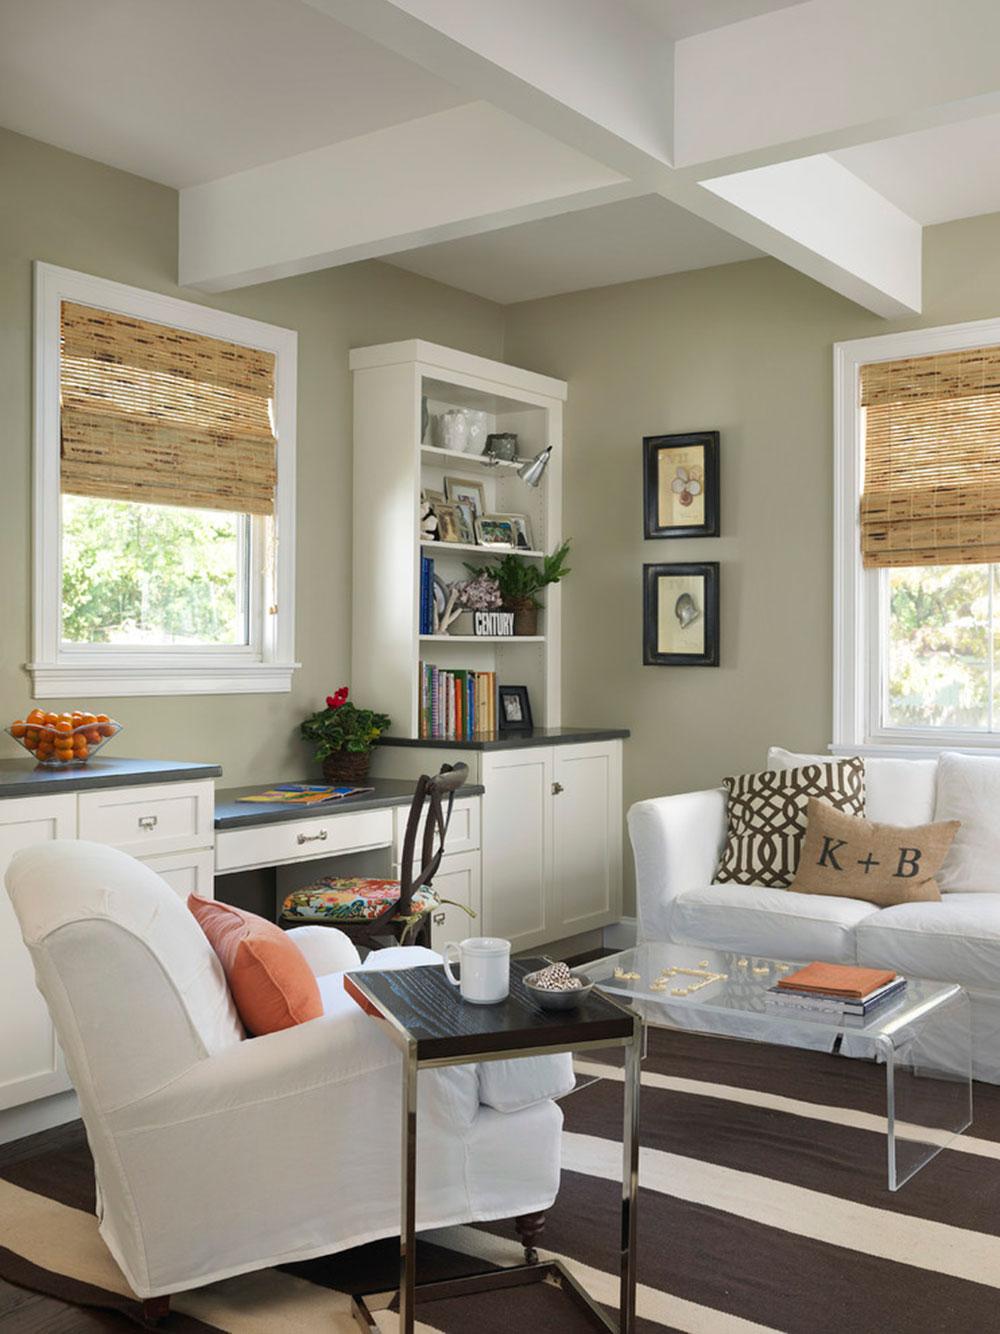 Neutral-color-palette-interior-design-is-still-popular4 Neutral-color-palette-interior-design is still popular